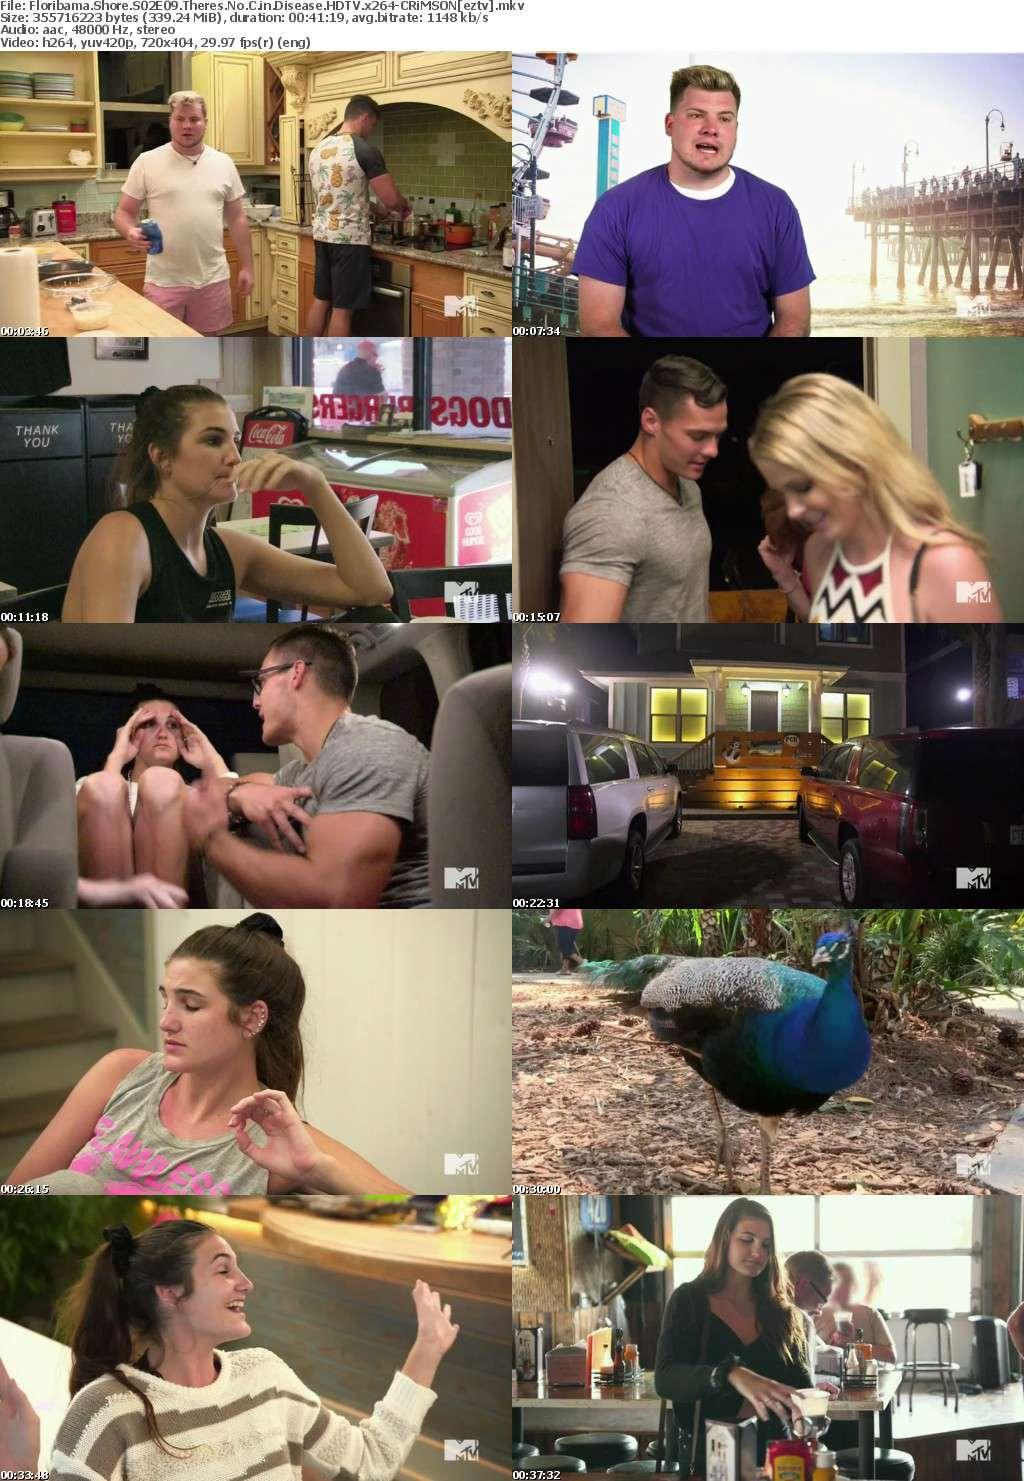 Floribama Shore S02E09 Theres No C in Disease HDTV x264-CRiMSON